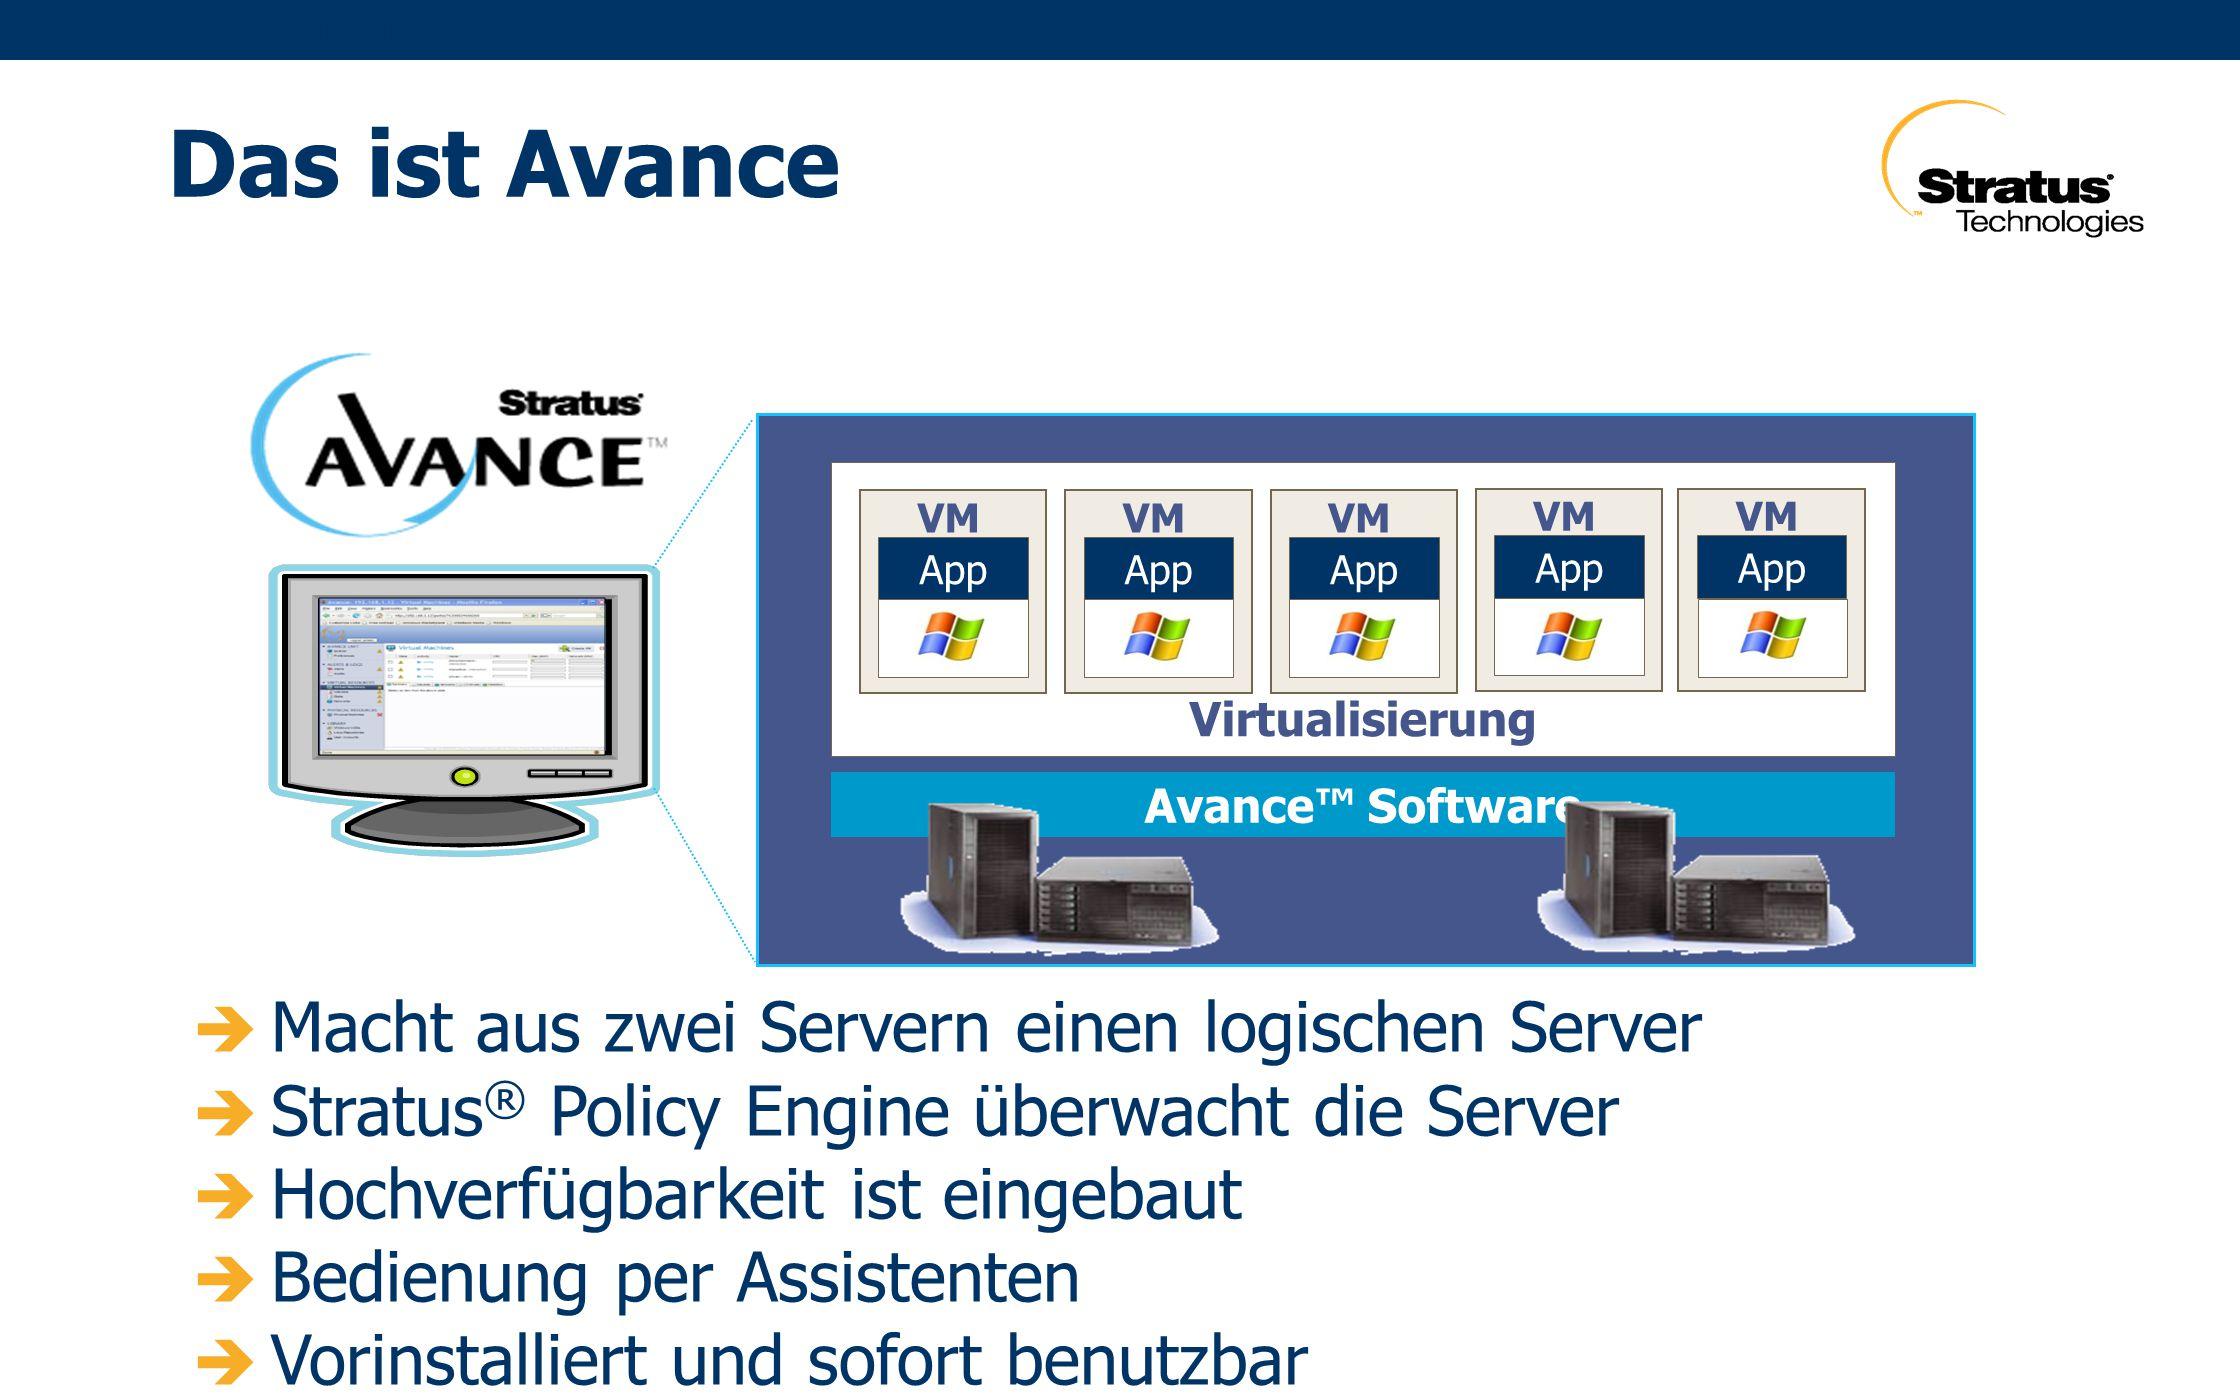 Stratus Confidential Das ist Avance Avance™ Software Virtualisierung App VM App VM App VM App VM App VM  Macht aus zwei Servern einen logischen Server  Stratus ® Policy Engine überwacht die Server  Hochverfügbarkeit ist eingebaut  Bedienung per Assistenten  Vorinstalliert und sofort benutzbar